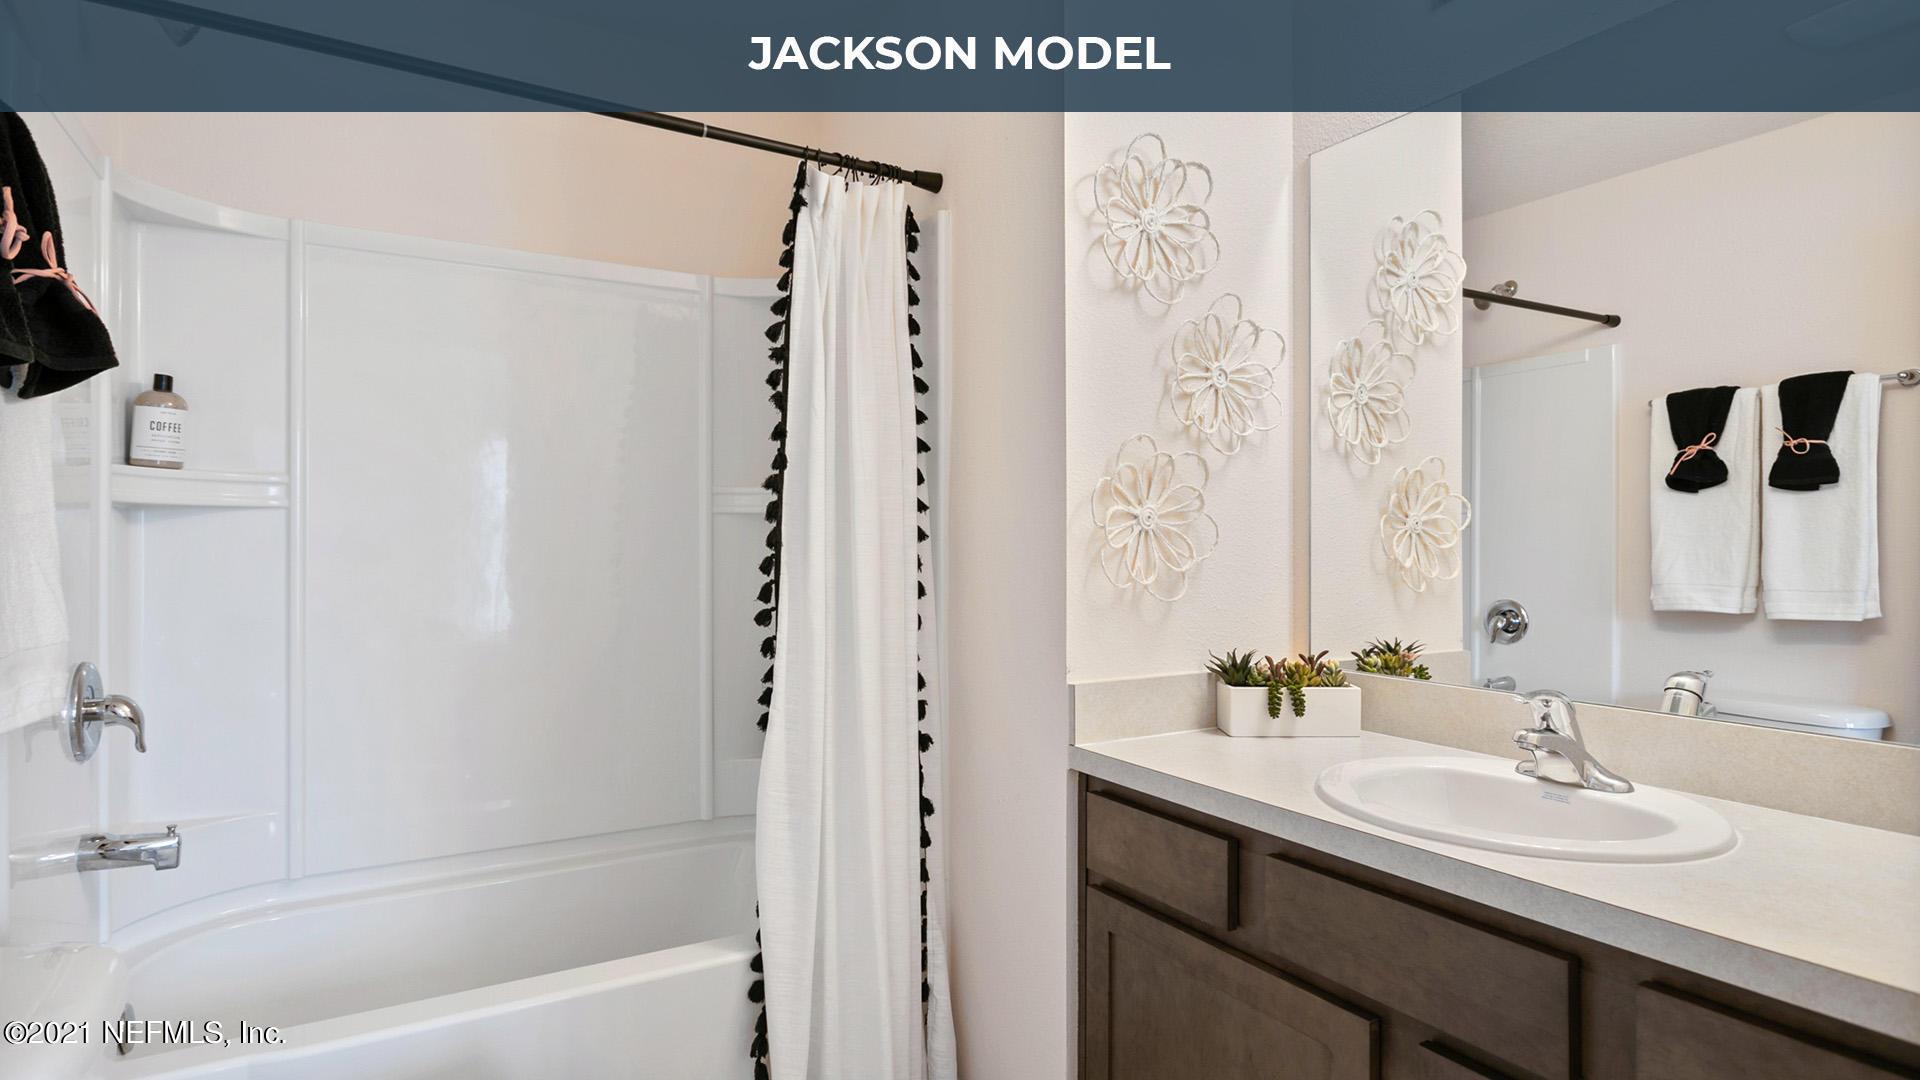 575 OAKLEAF PLANTATION, ORANGE PARK, FLORIDA 32065, 2 Bedrooms Bedrooms, ,2 BathroomsBathrooms,Residential,For sale,OAKLEAF PLANTATION,1096794